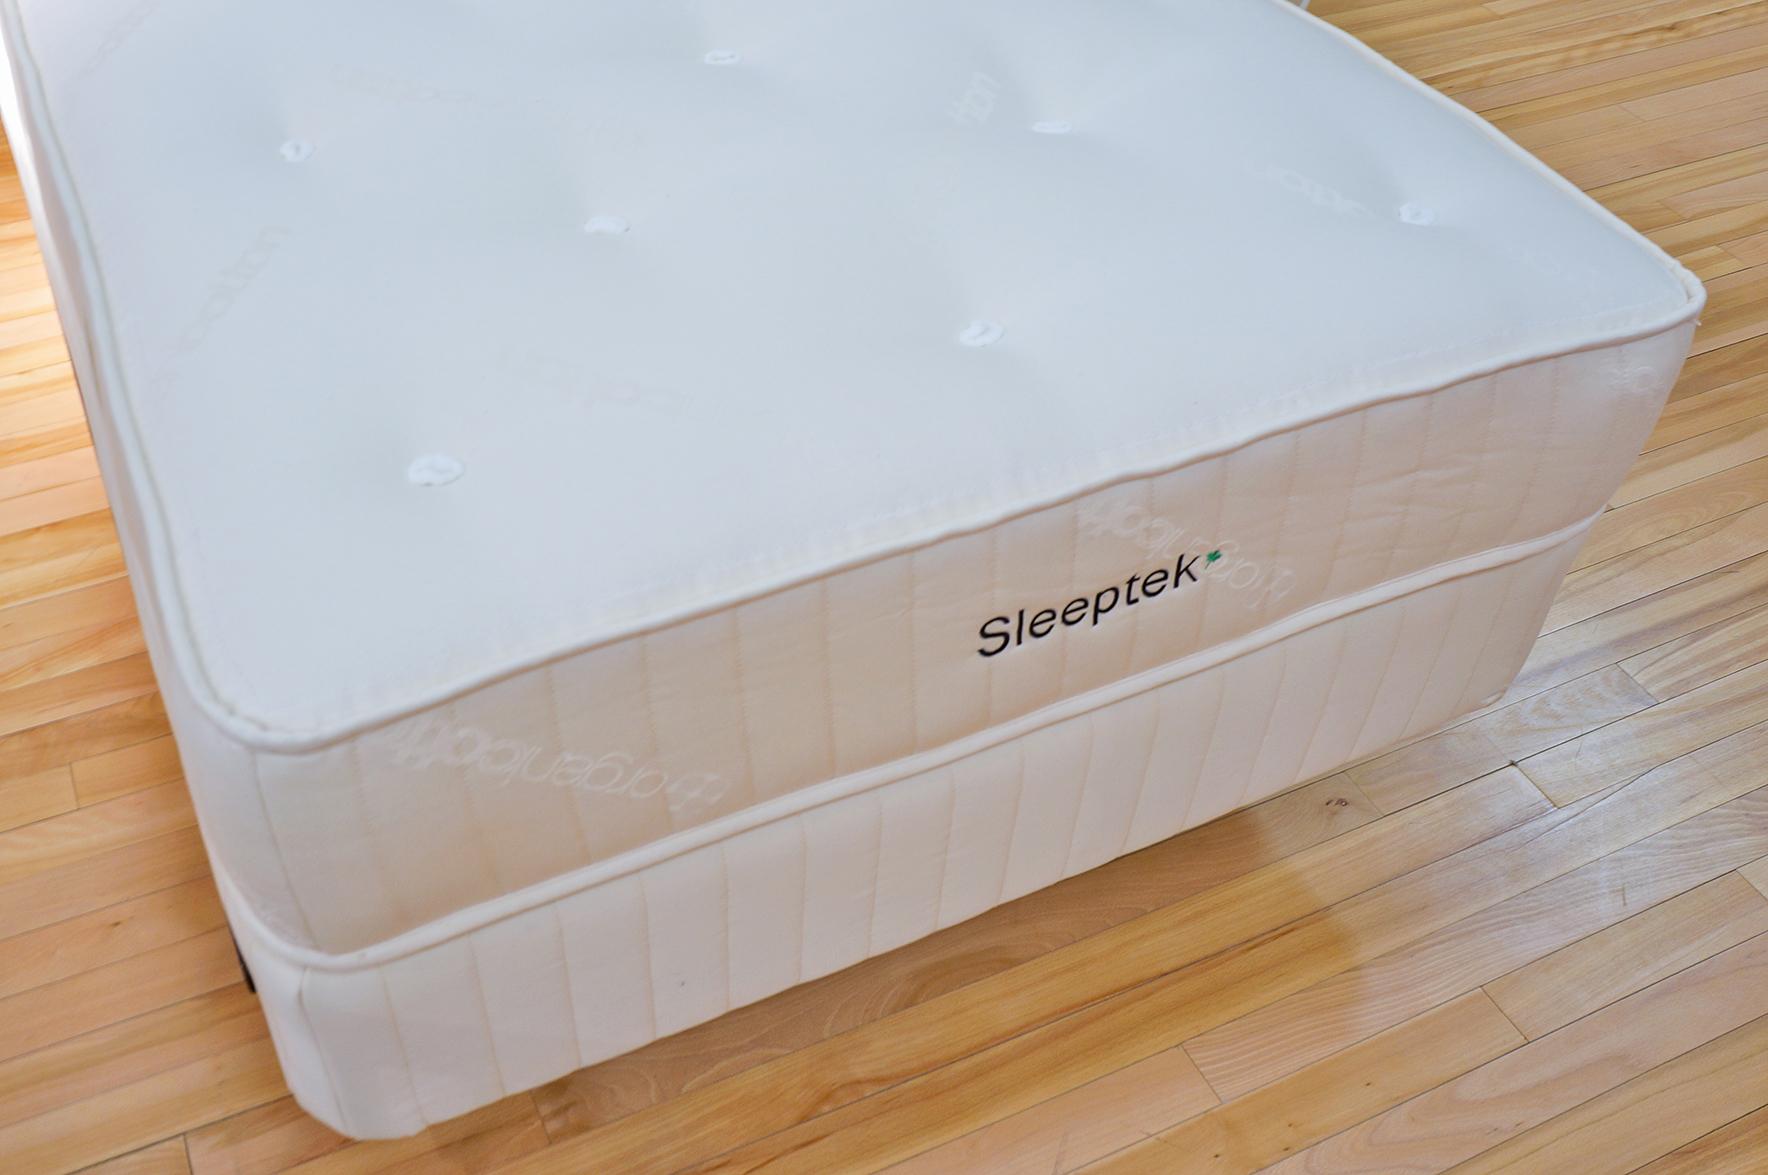 Sleeptek - Mattress Reviews | GoodBed.com